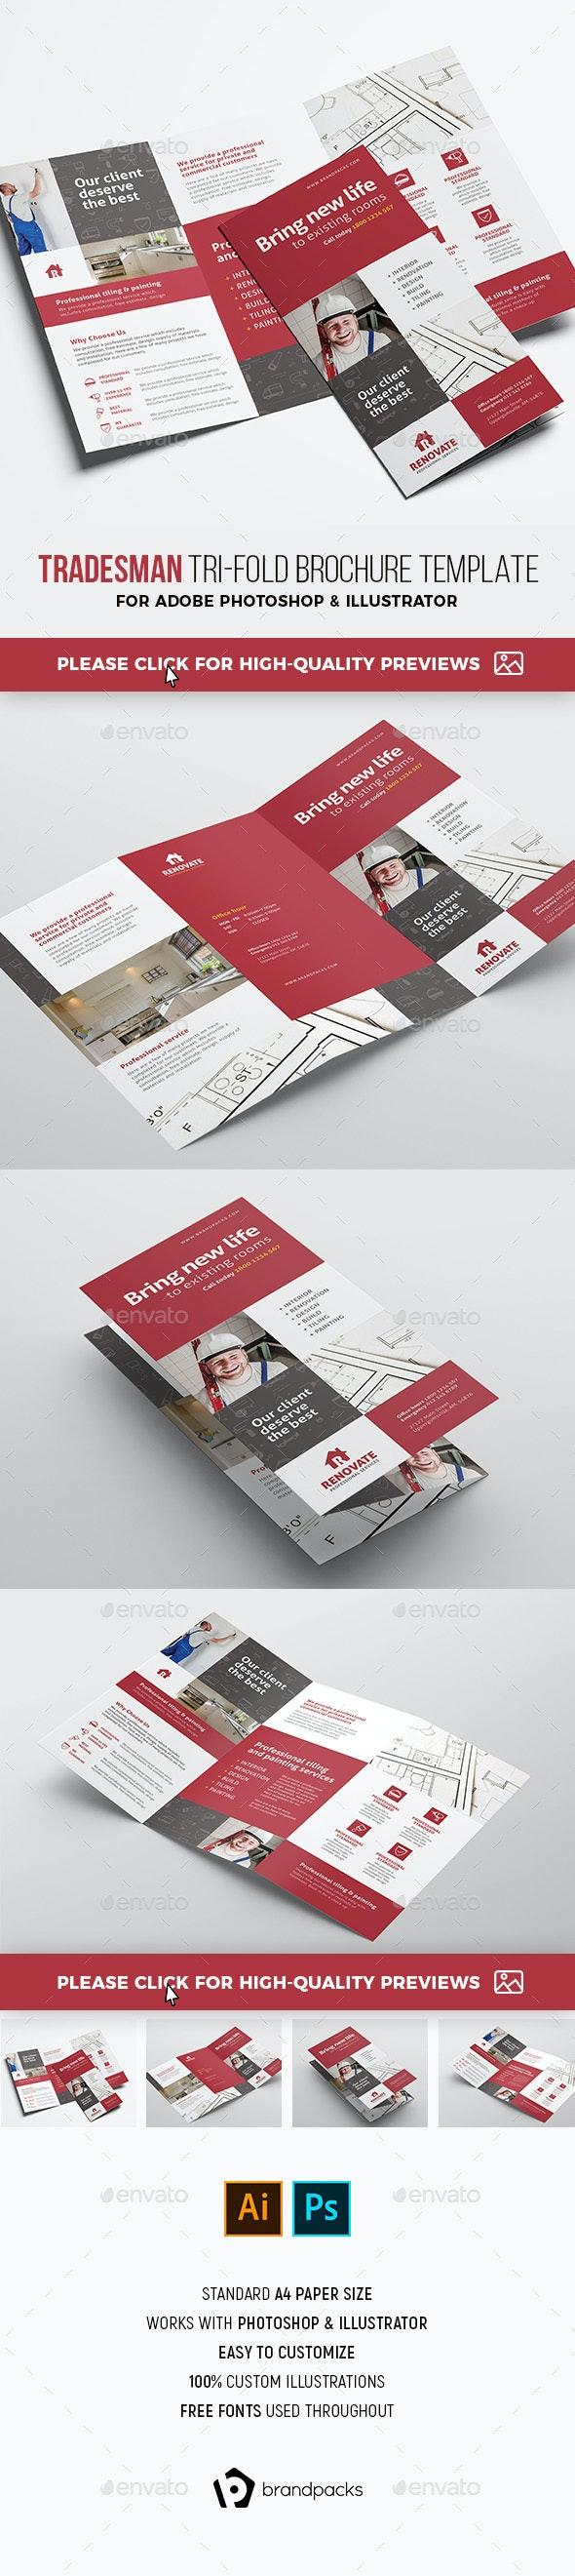 Tradesman Tri-Fold Brochure Template - Corporate Brochures